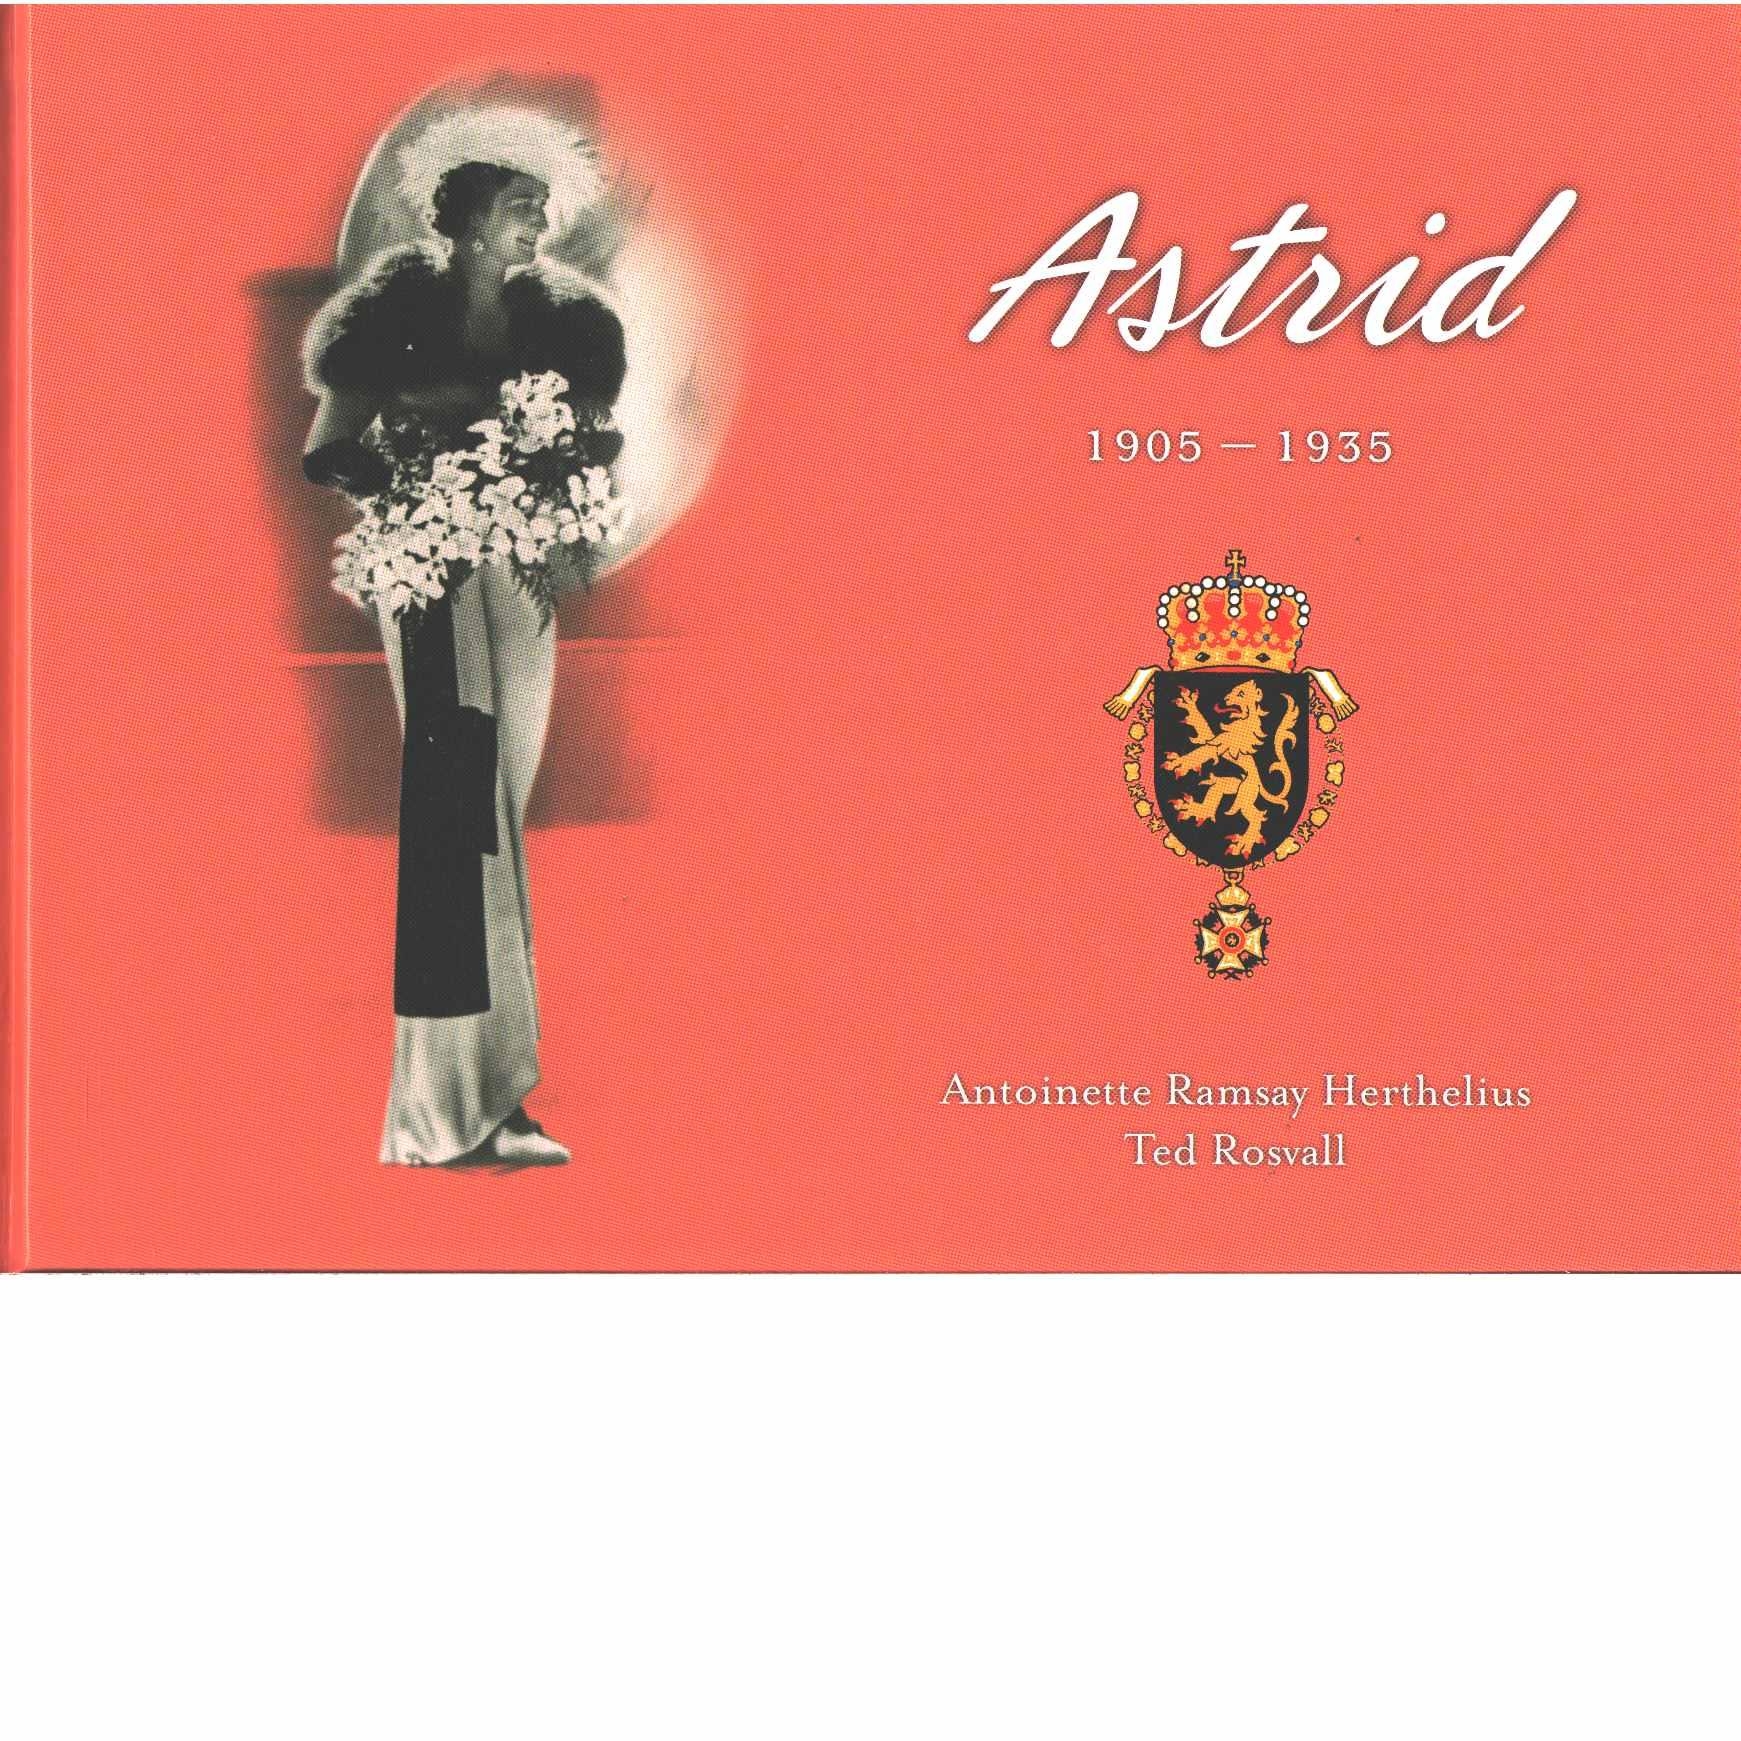 Astrid : 1905-1935  - Ramsay Herthelius, Antoinette och Ramsay Herthelius, Antoinette